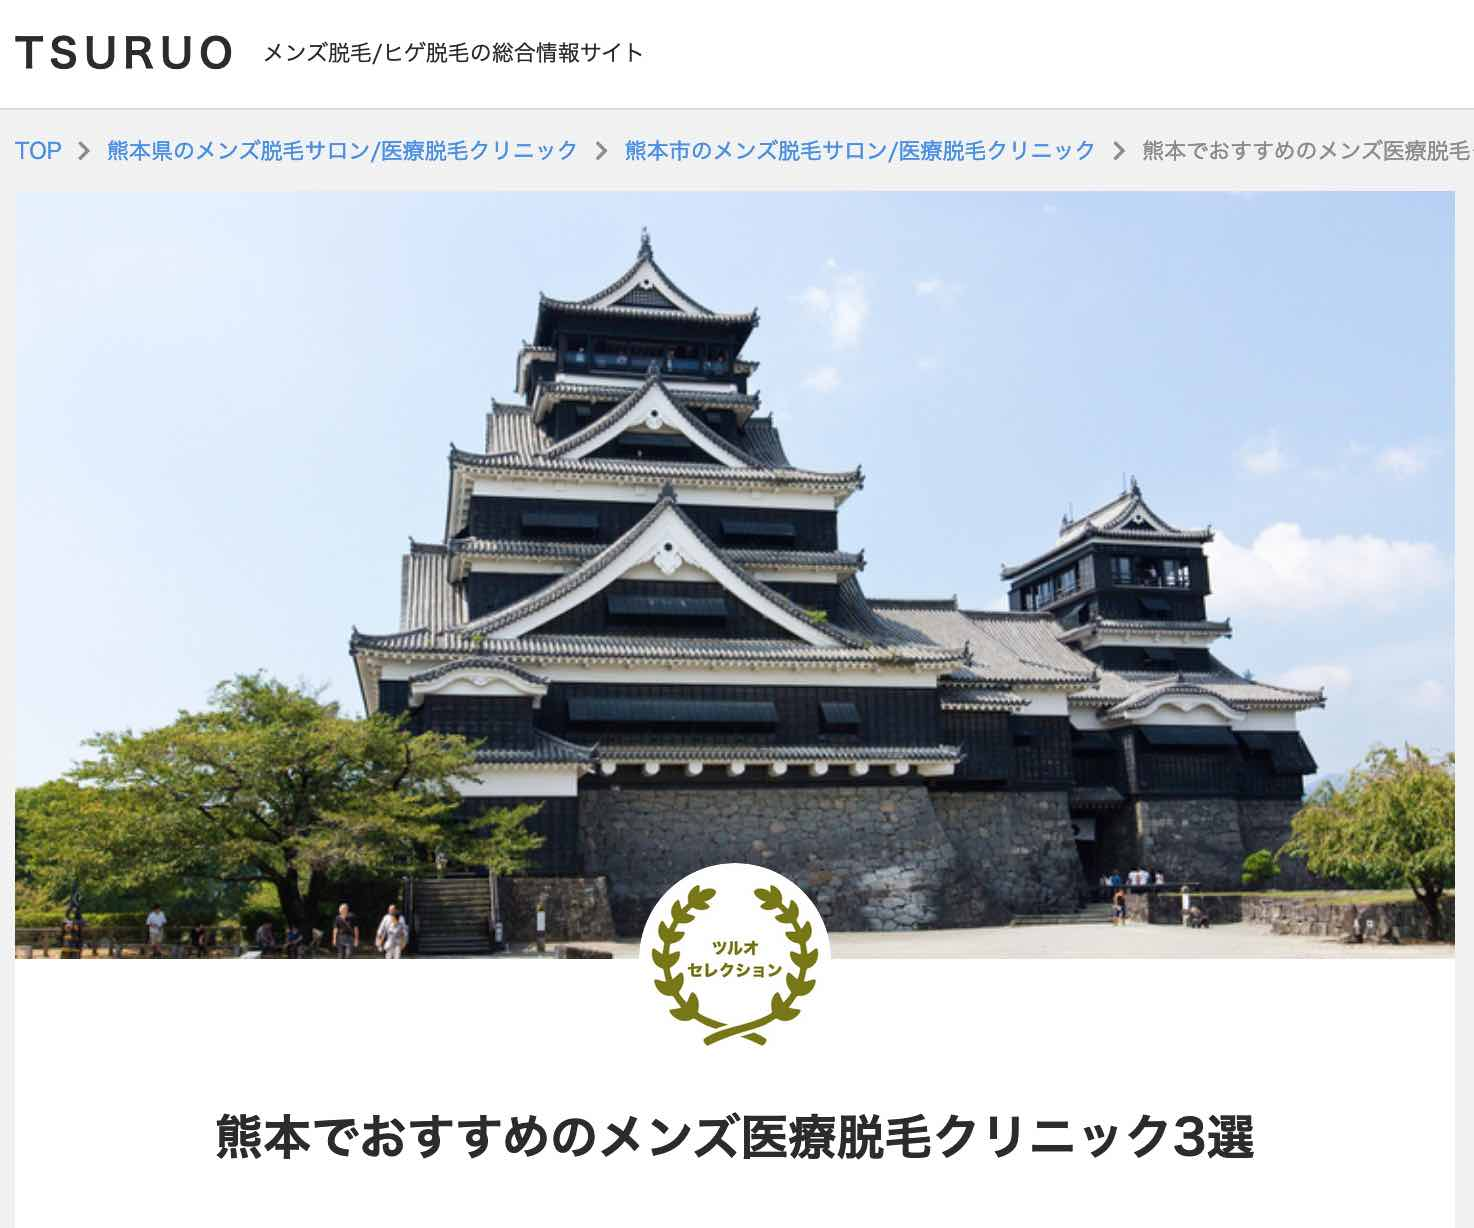 熊本でおすすめのメンズ医療脱毛クリニック3選